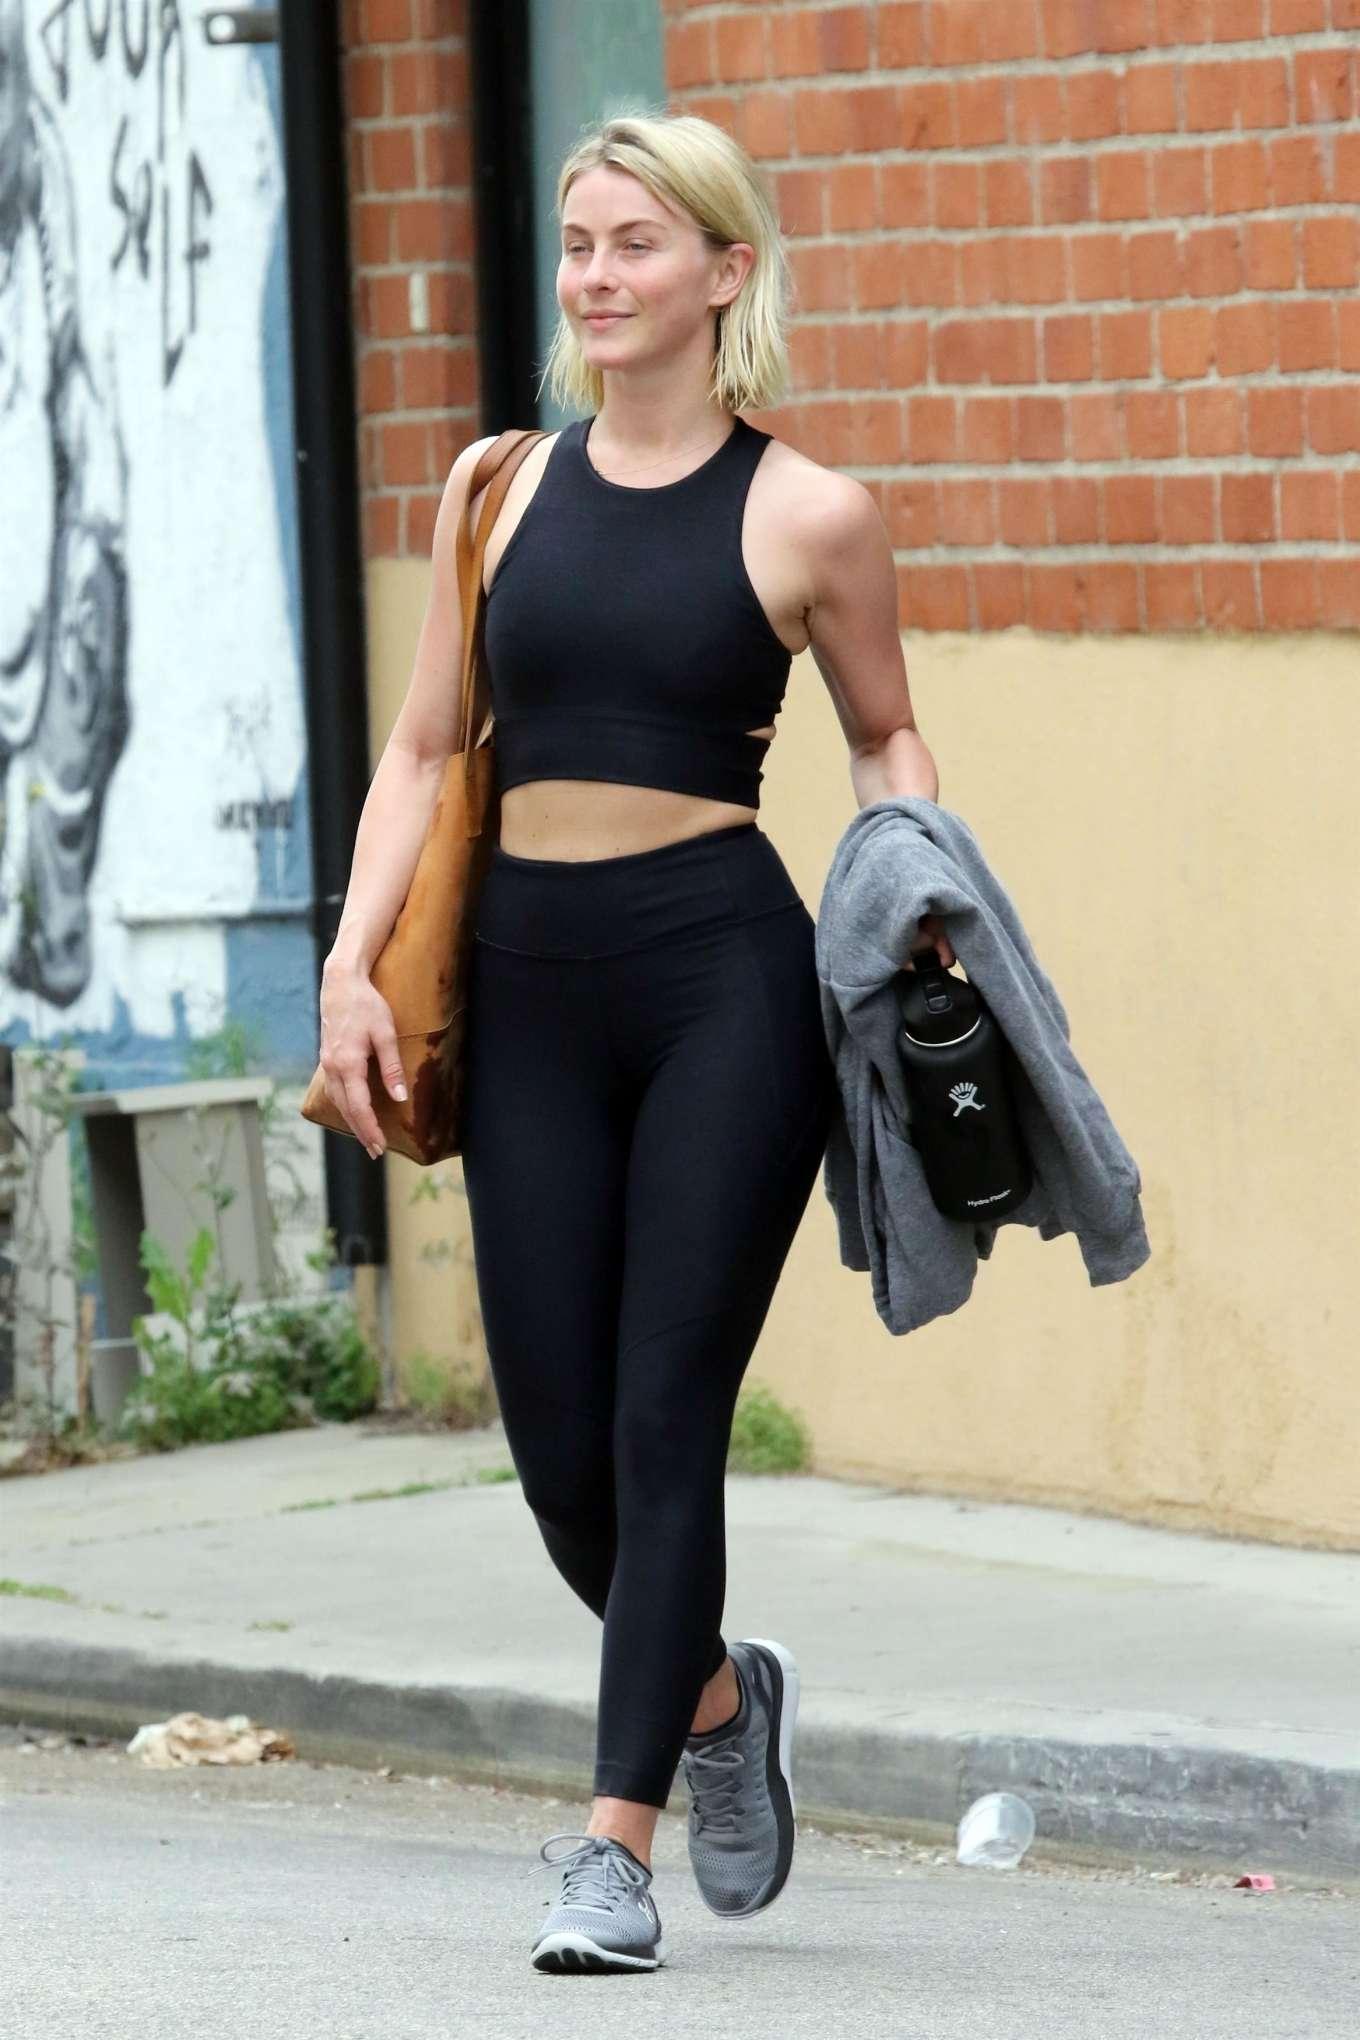 Julianne Hough 2019 : Julianne Hough: Leaving the gym in LA -04